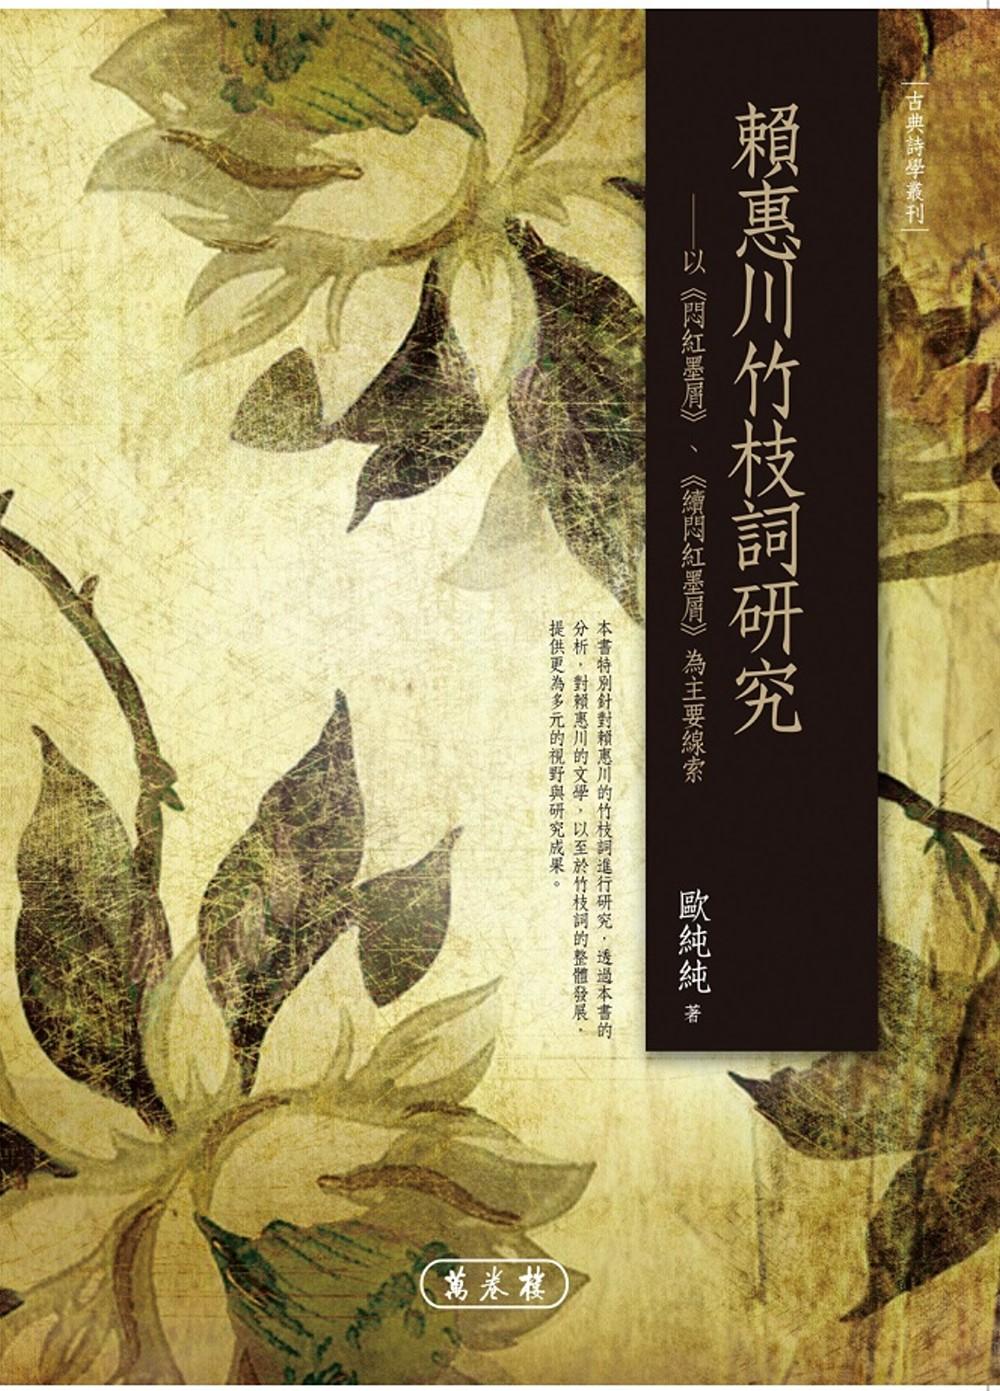 賴惠川竹枝詞研究:以《悶紅墨屑》、《續悶紅墨屑》為主要線索